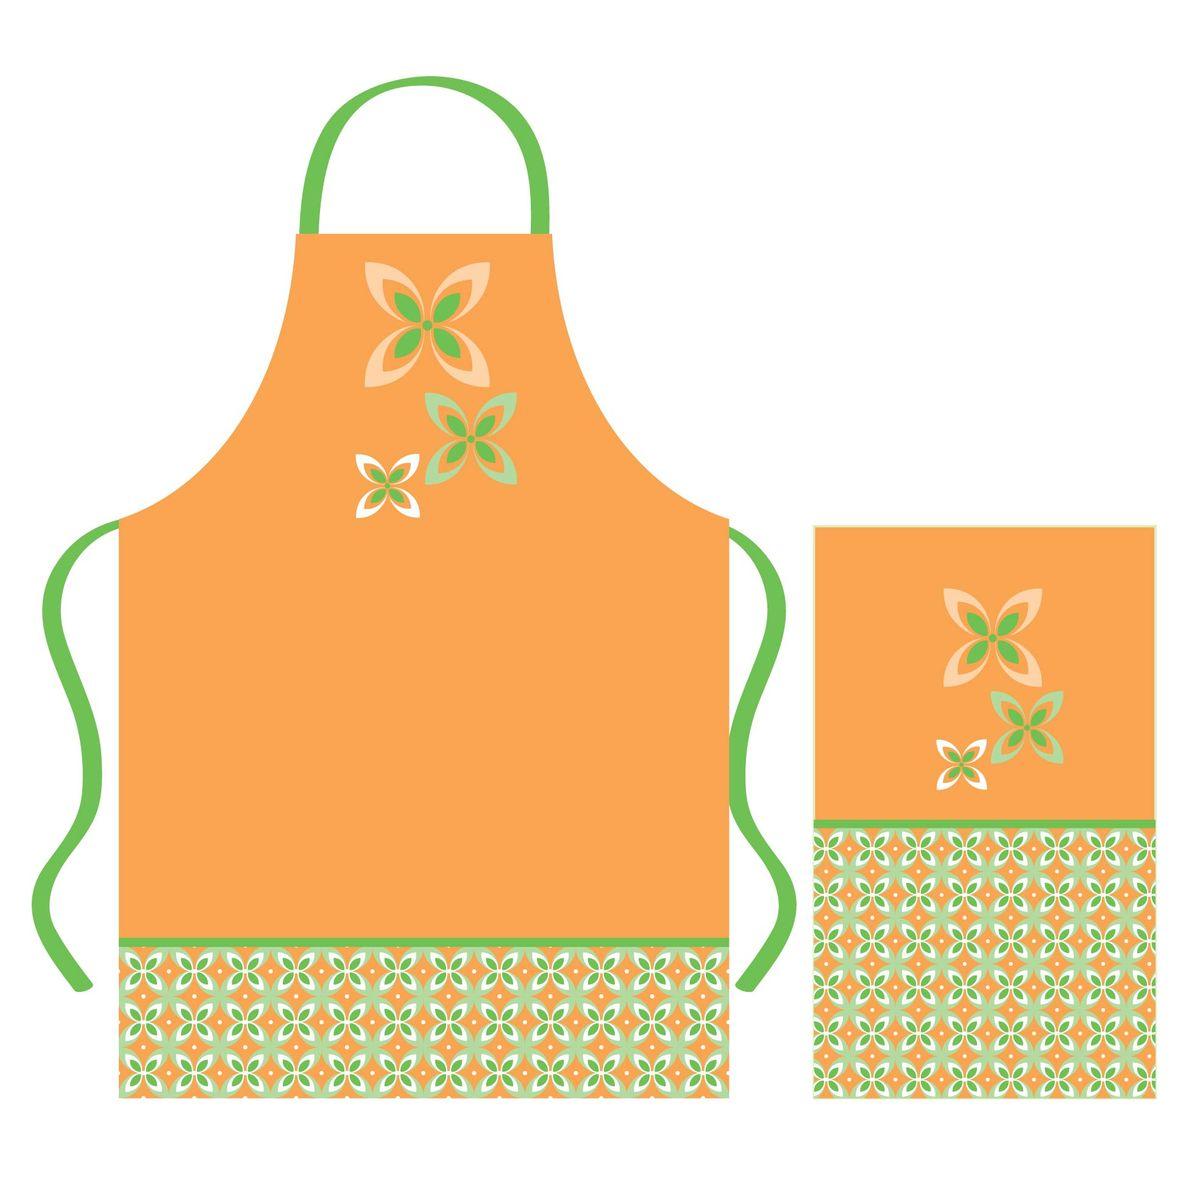 Набор кухонного текстиля Home Queen Cooking time: фартук, полотенце панели для кухни фартук в курске